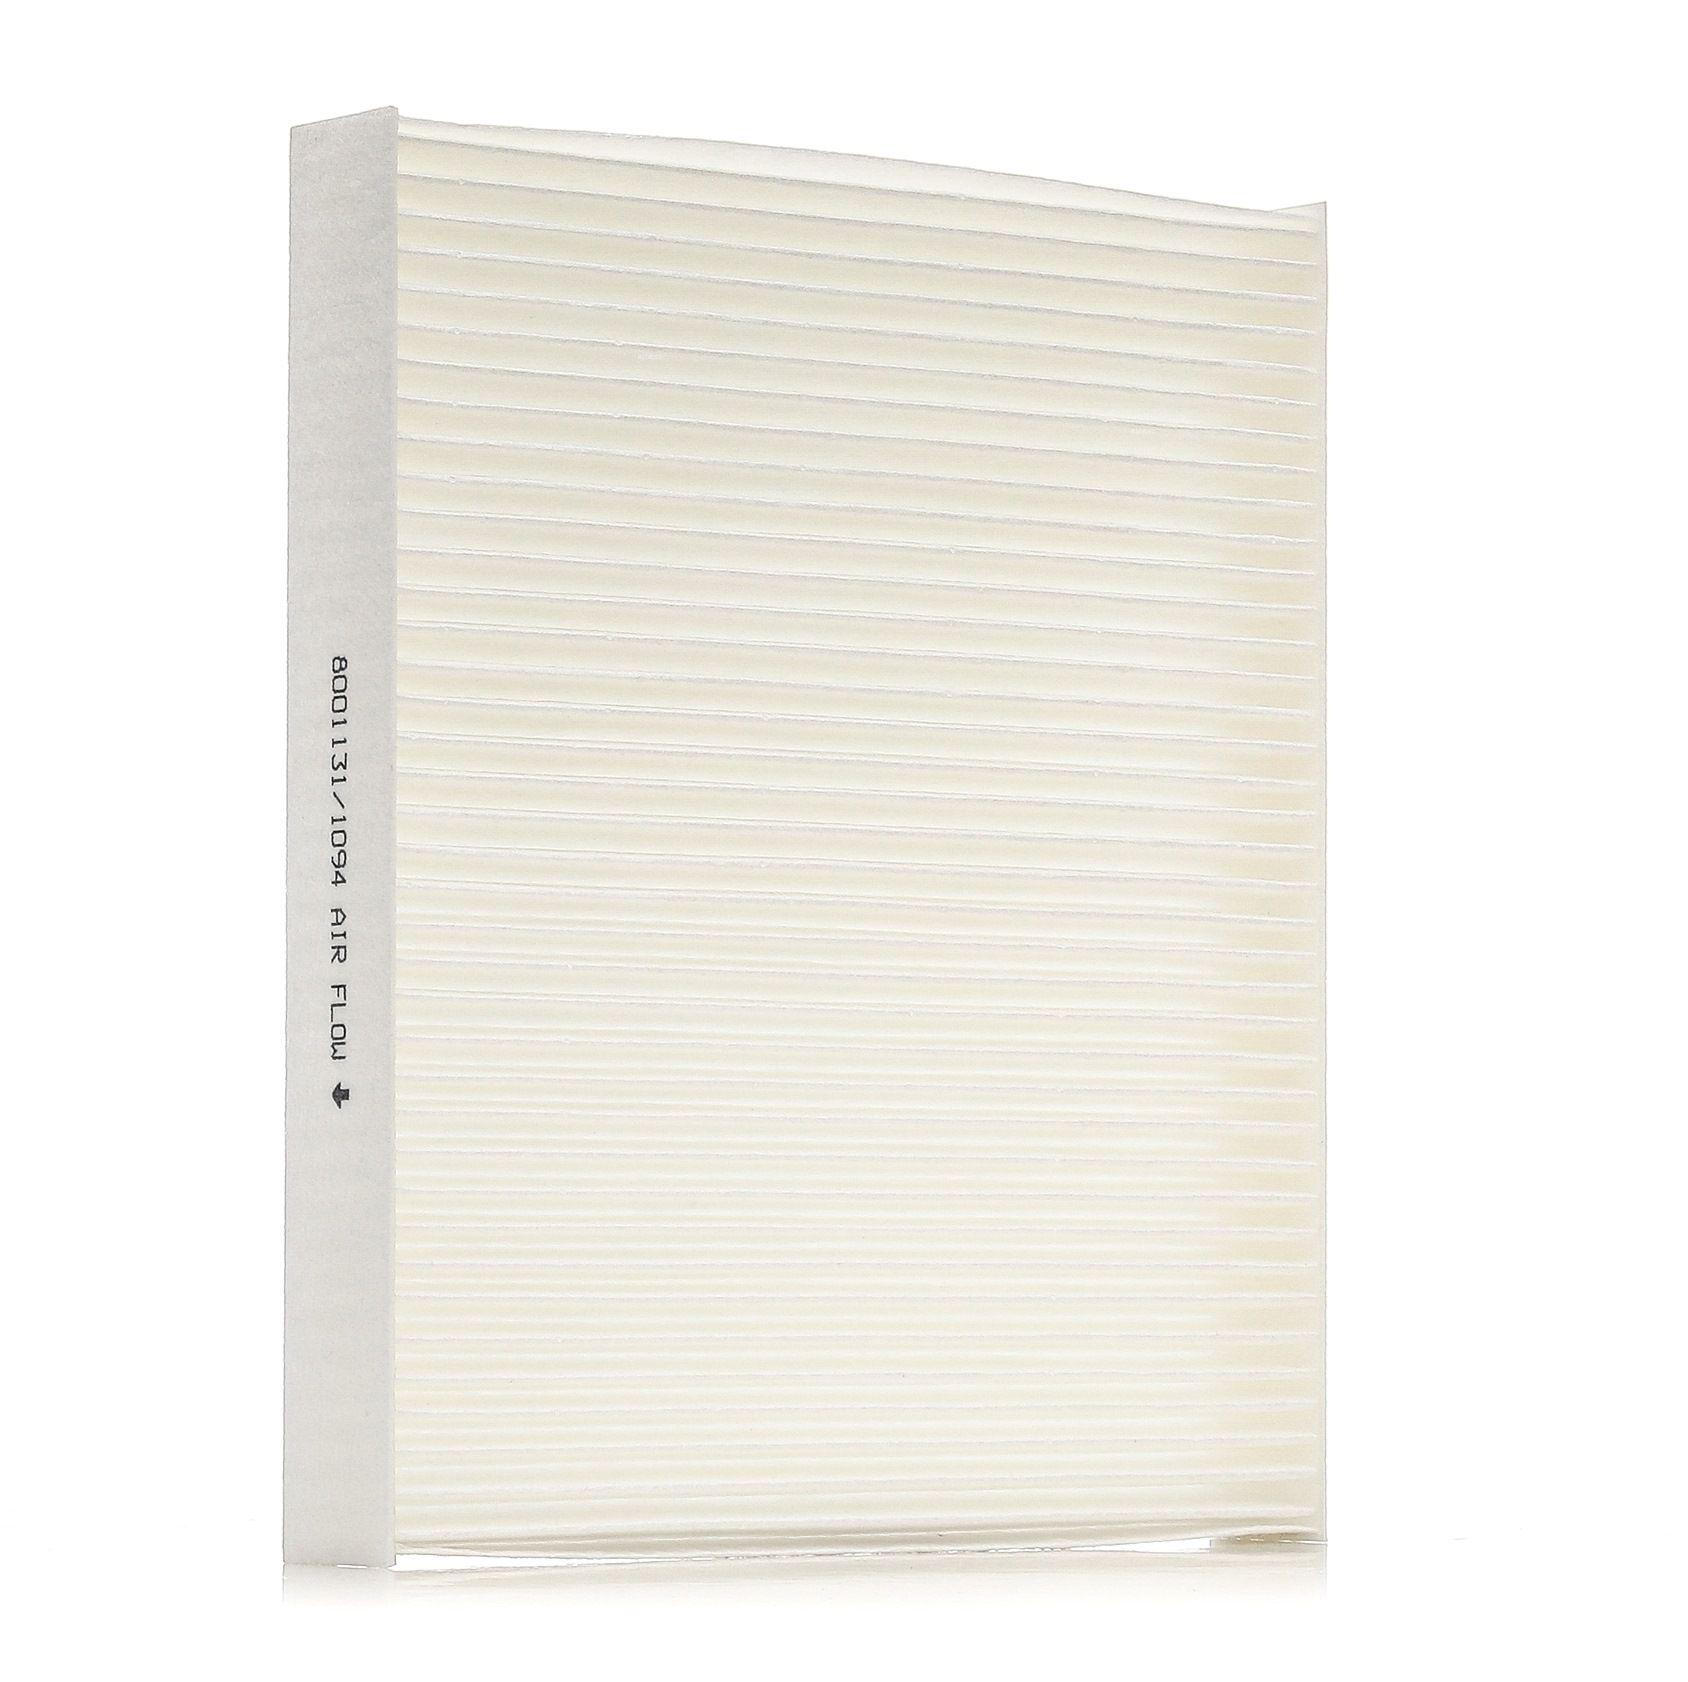 Cabin Filter RIDEX 424I0012 rating